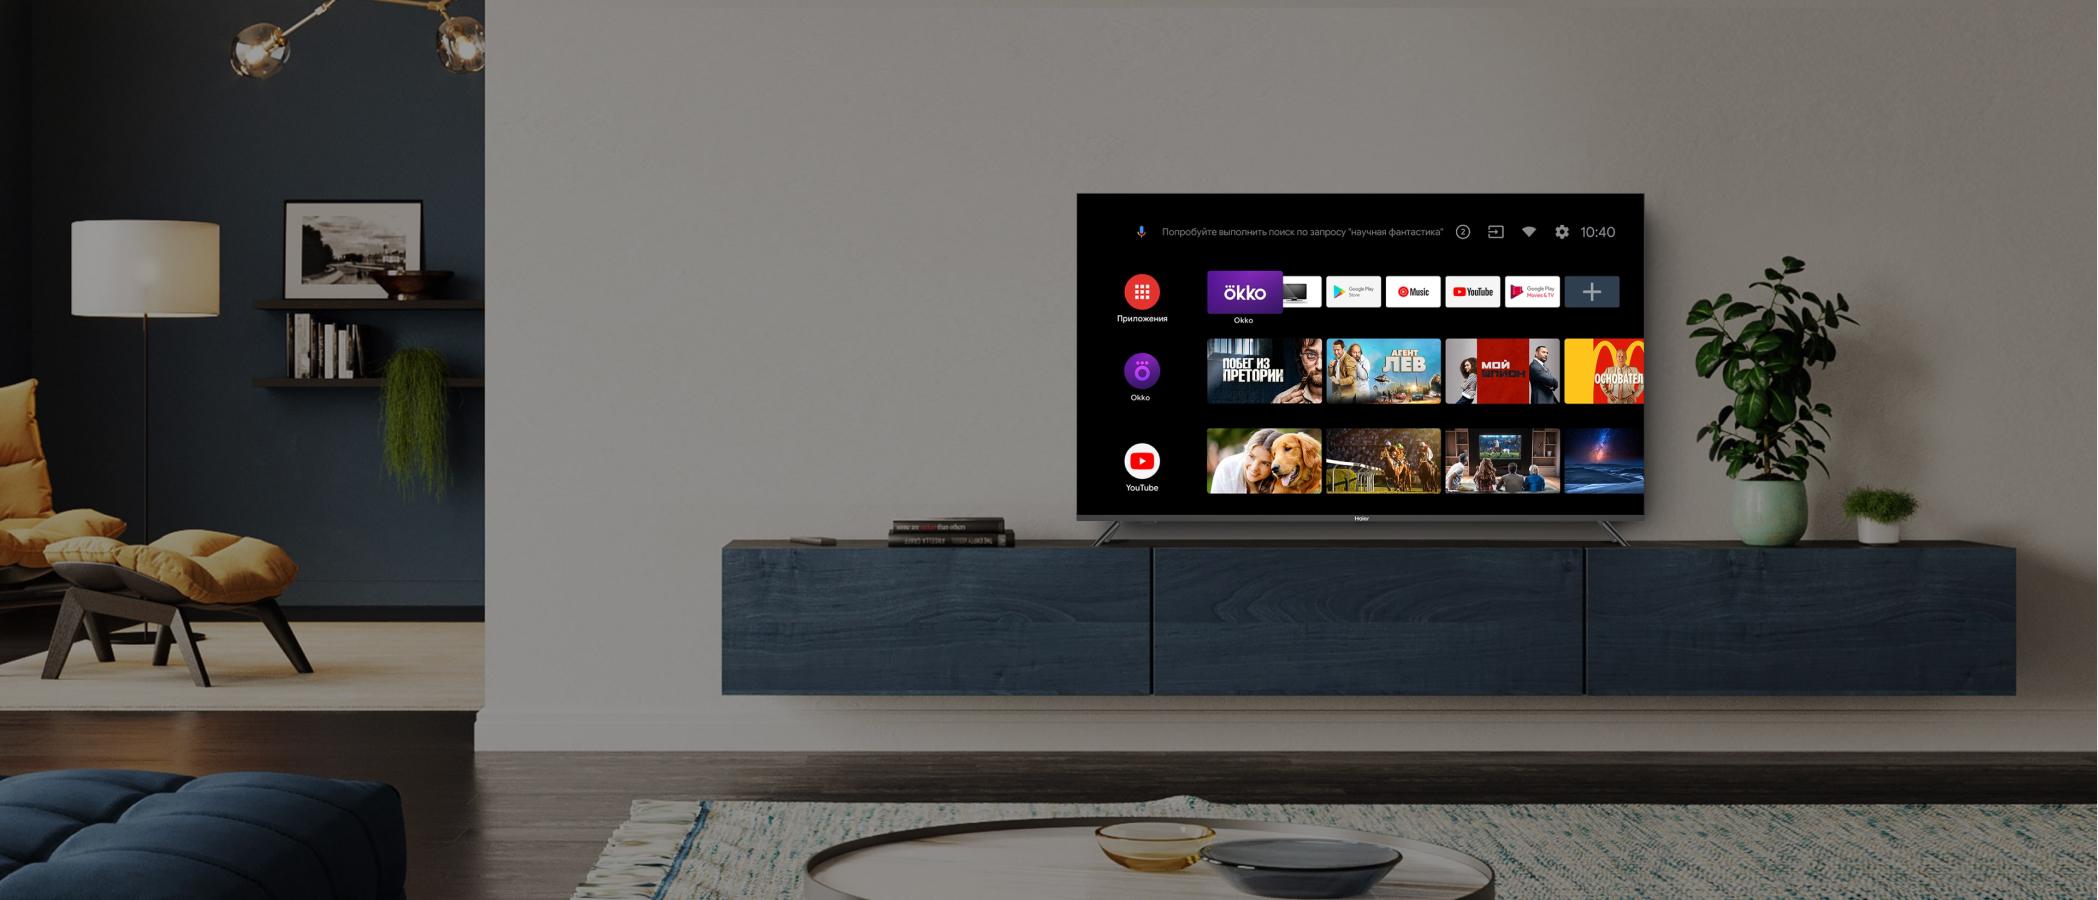 HAIER 58 SMART TV MX